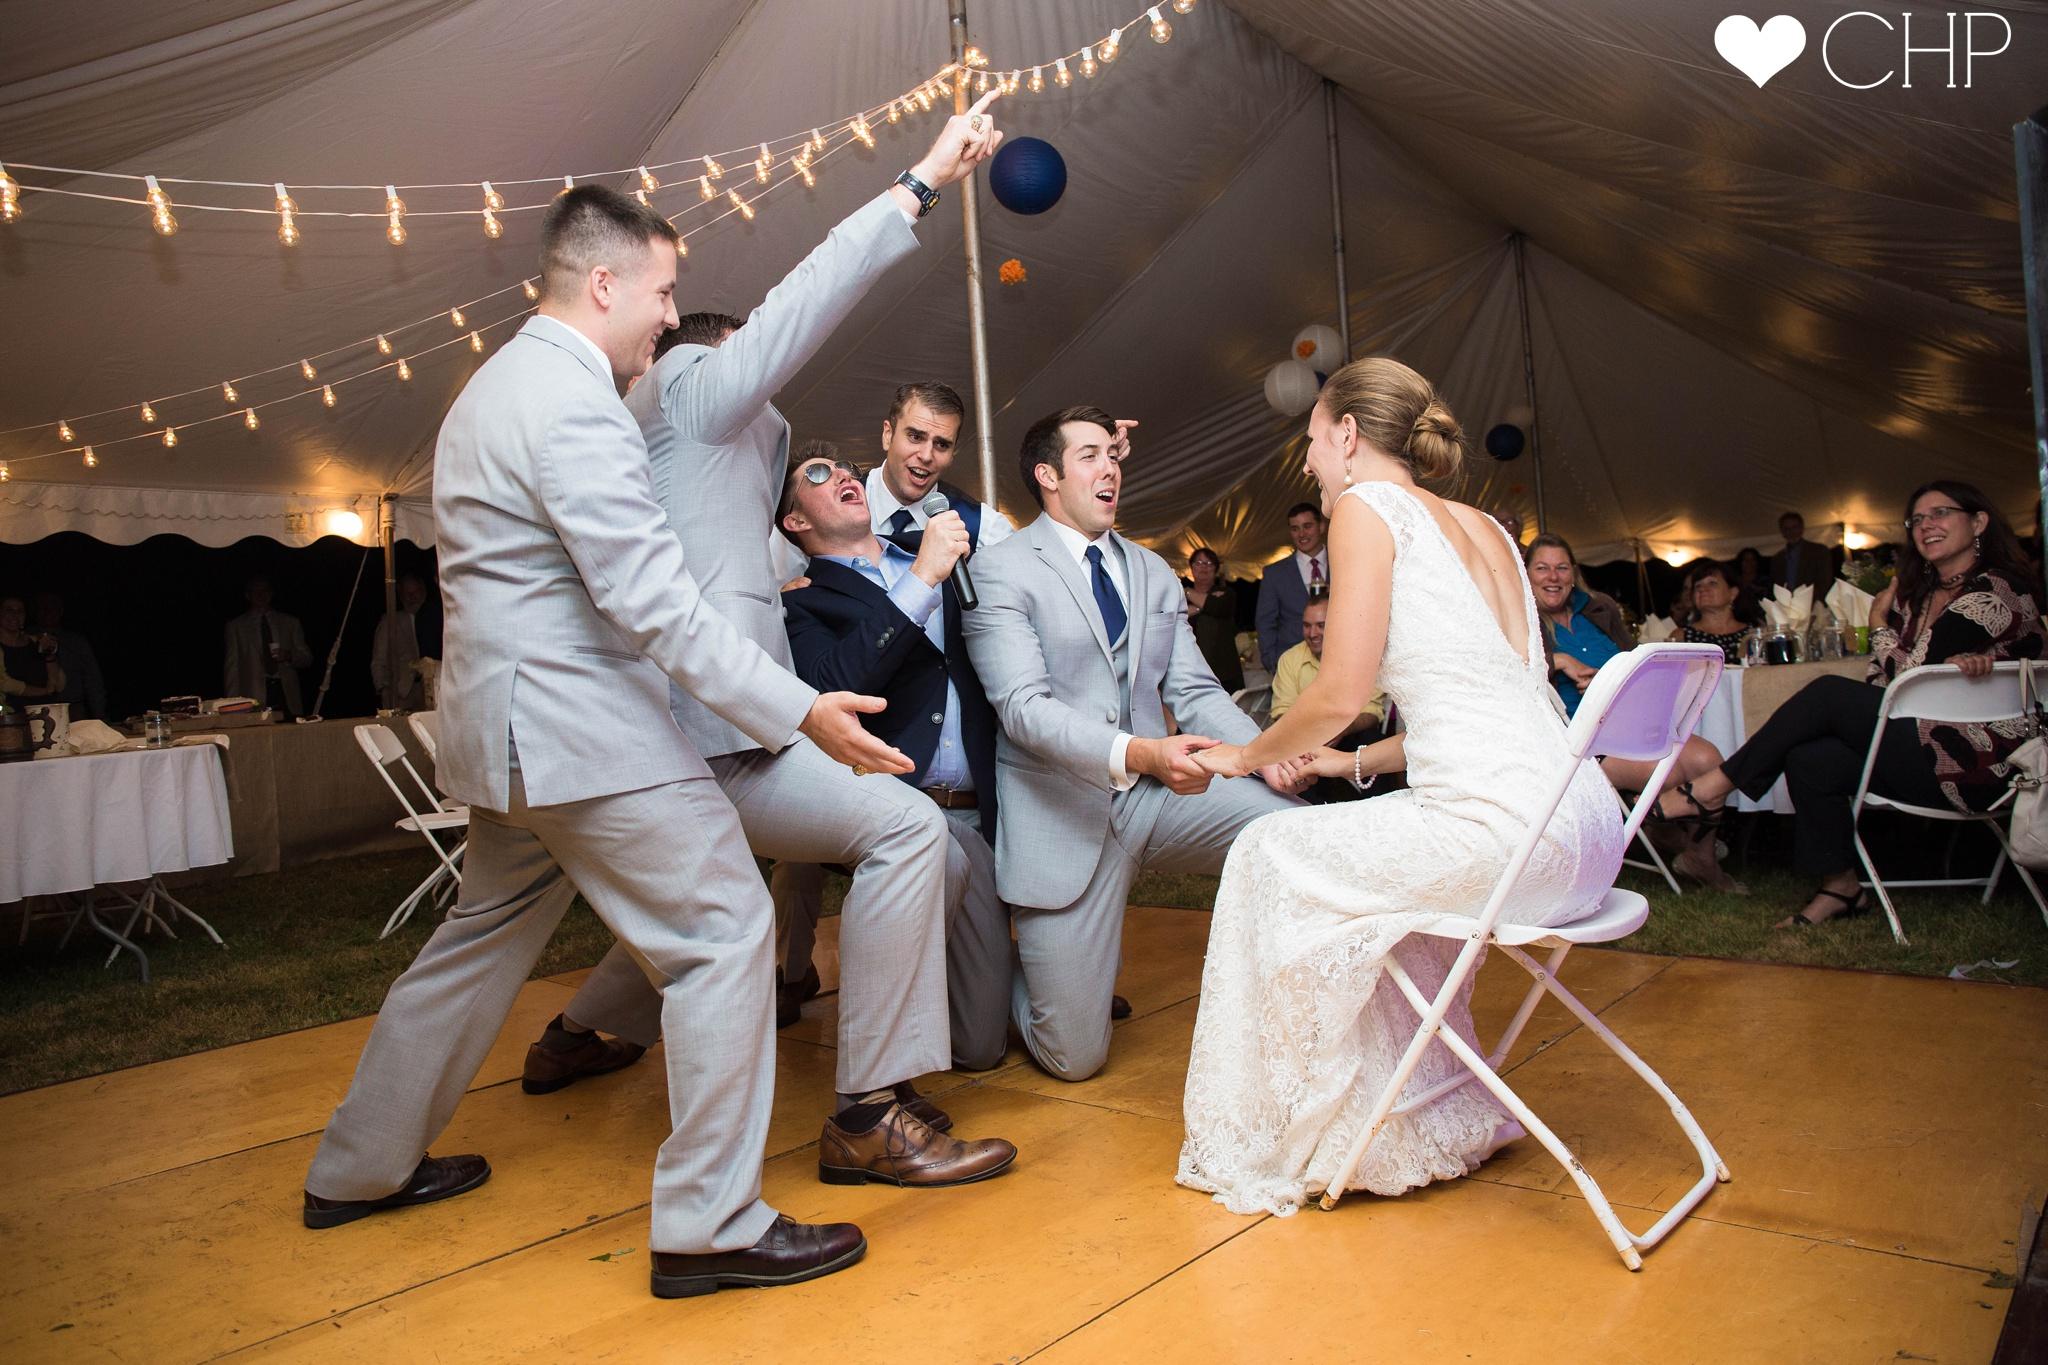 Wedding Photographers around Waldoboro Maine